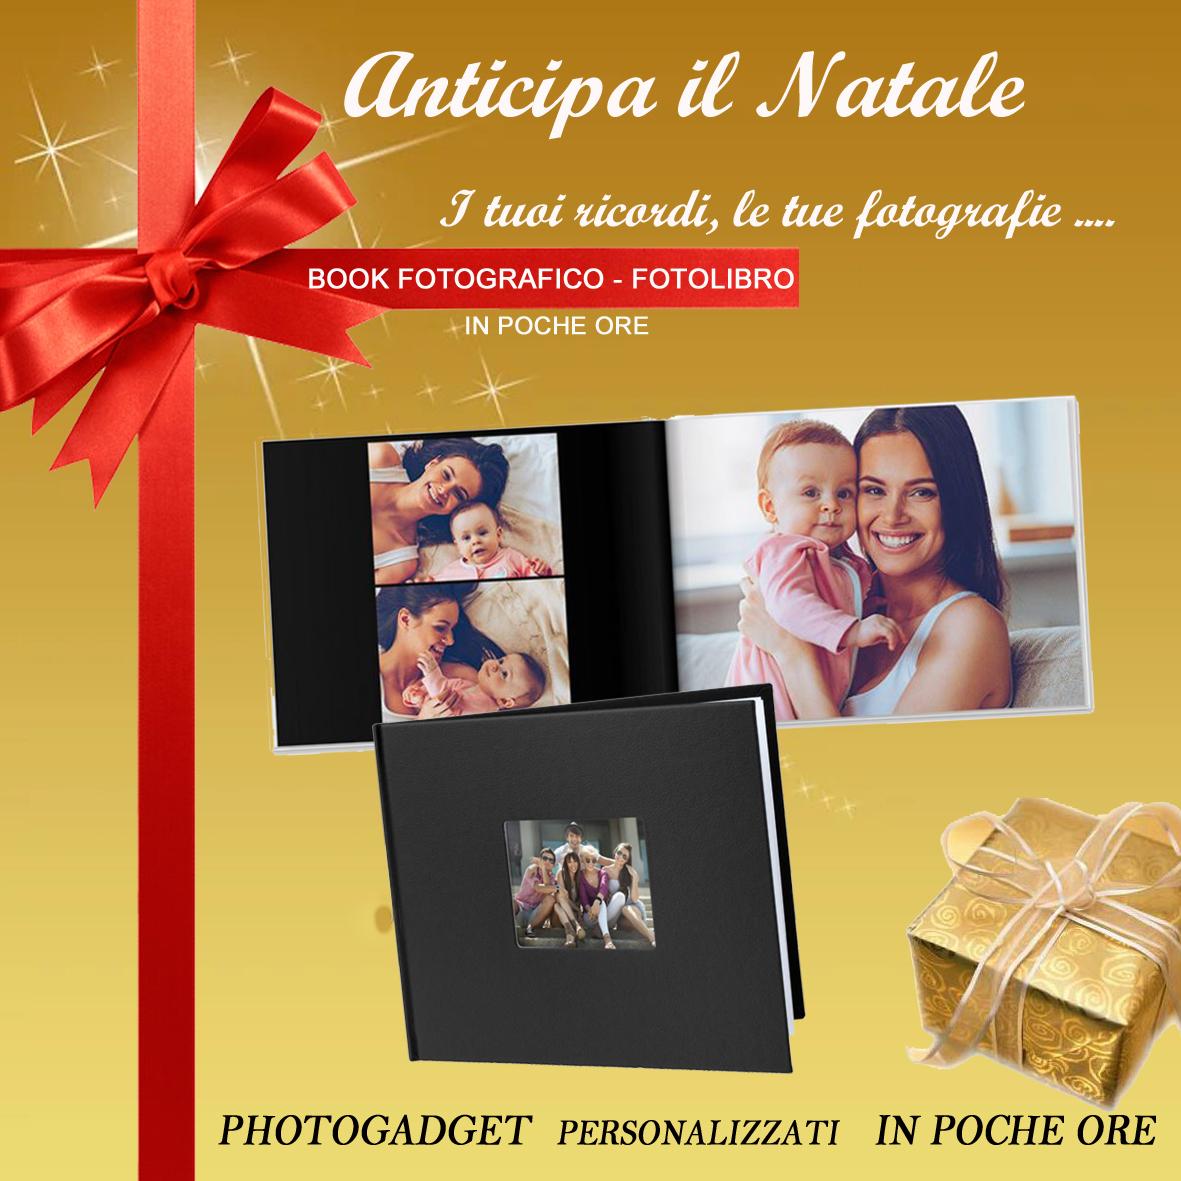 FOTOLIBRI PERSONALIZZATI  BOOK PERSONALIZZATI CON FOTO A BOLOGNA E SAN LAZZARO DI SAVENA